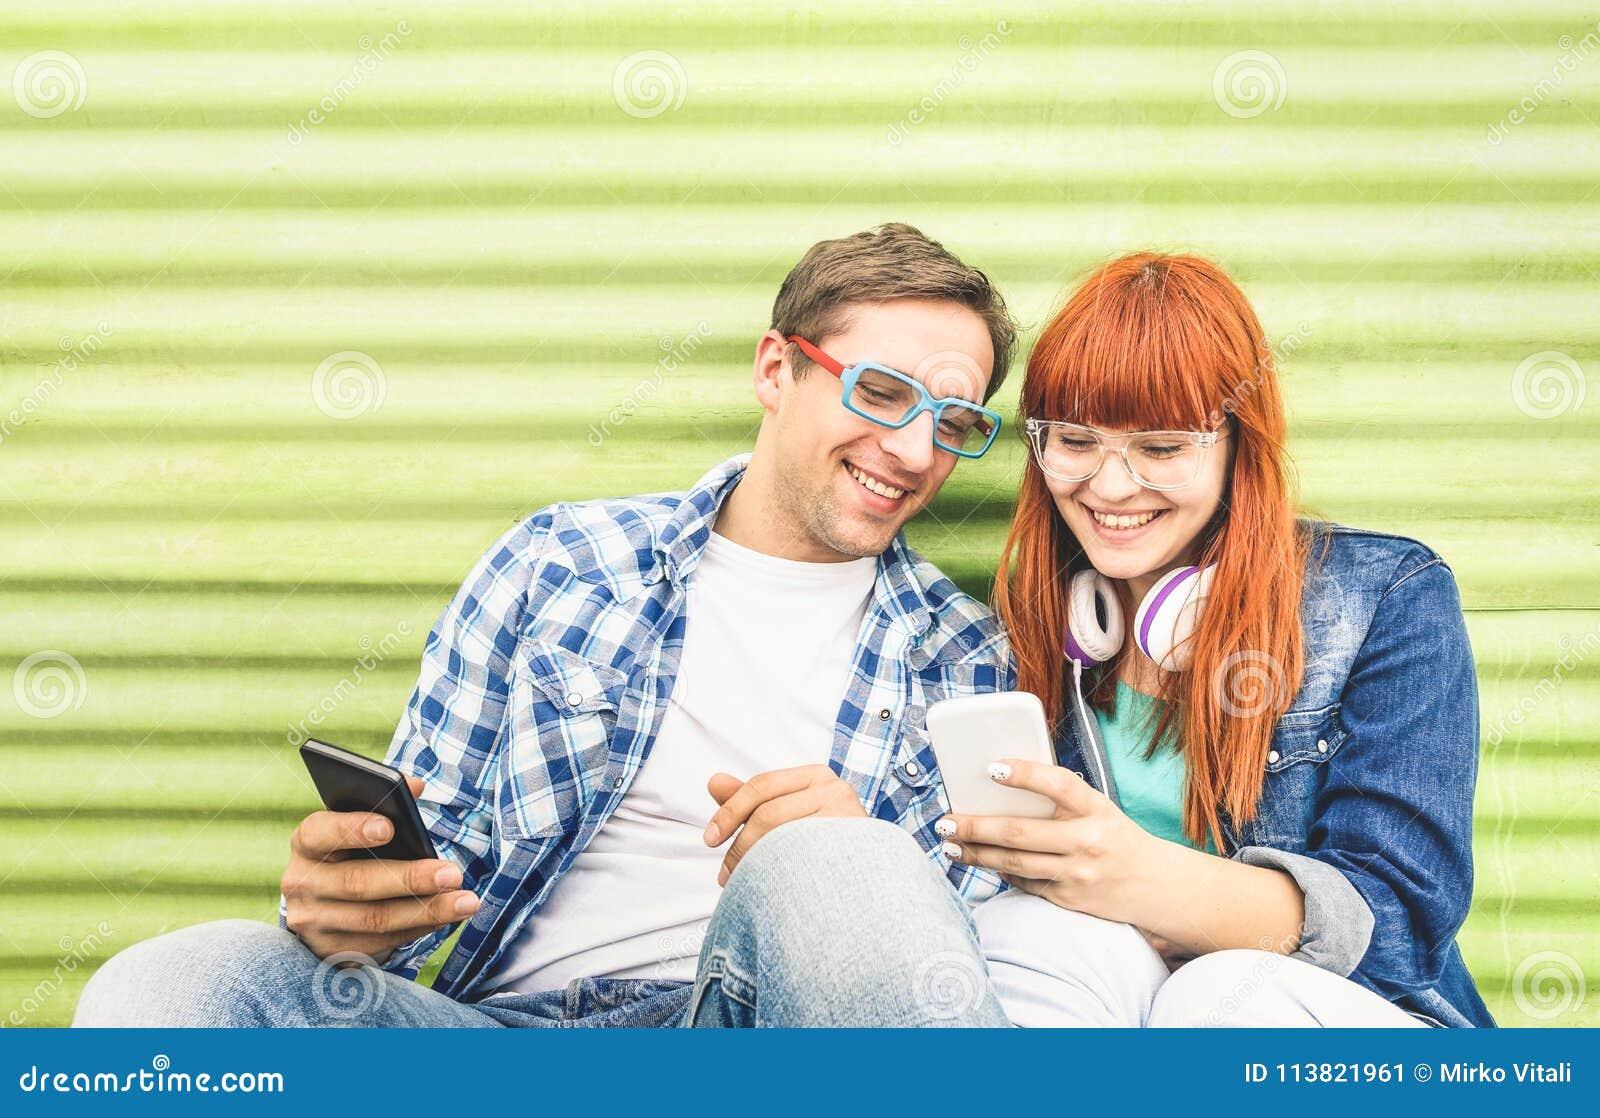 meilleur des amis datant site sites de rencontres gratuits au Nigeria